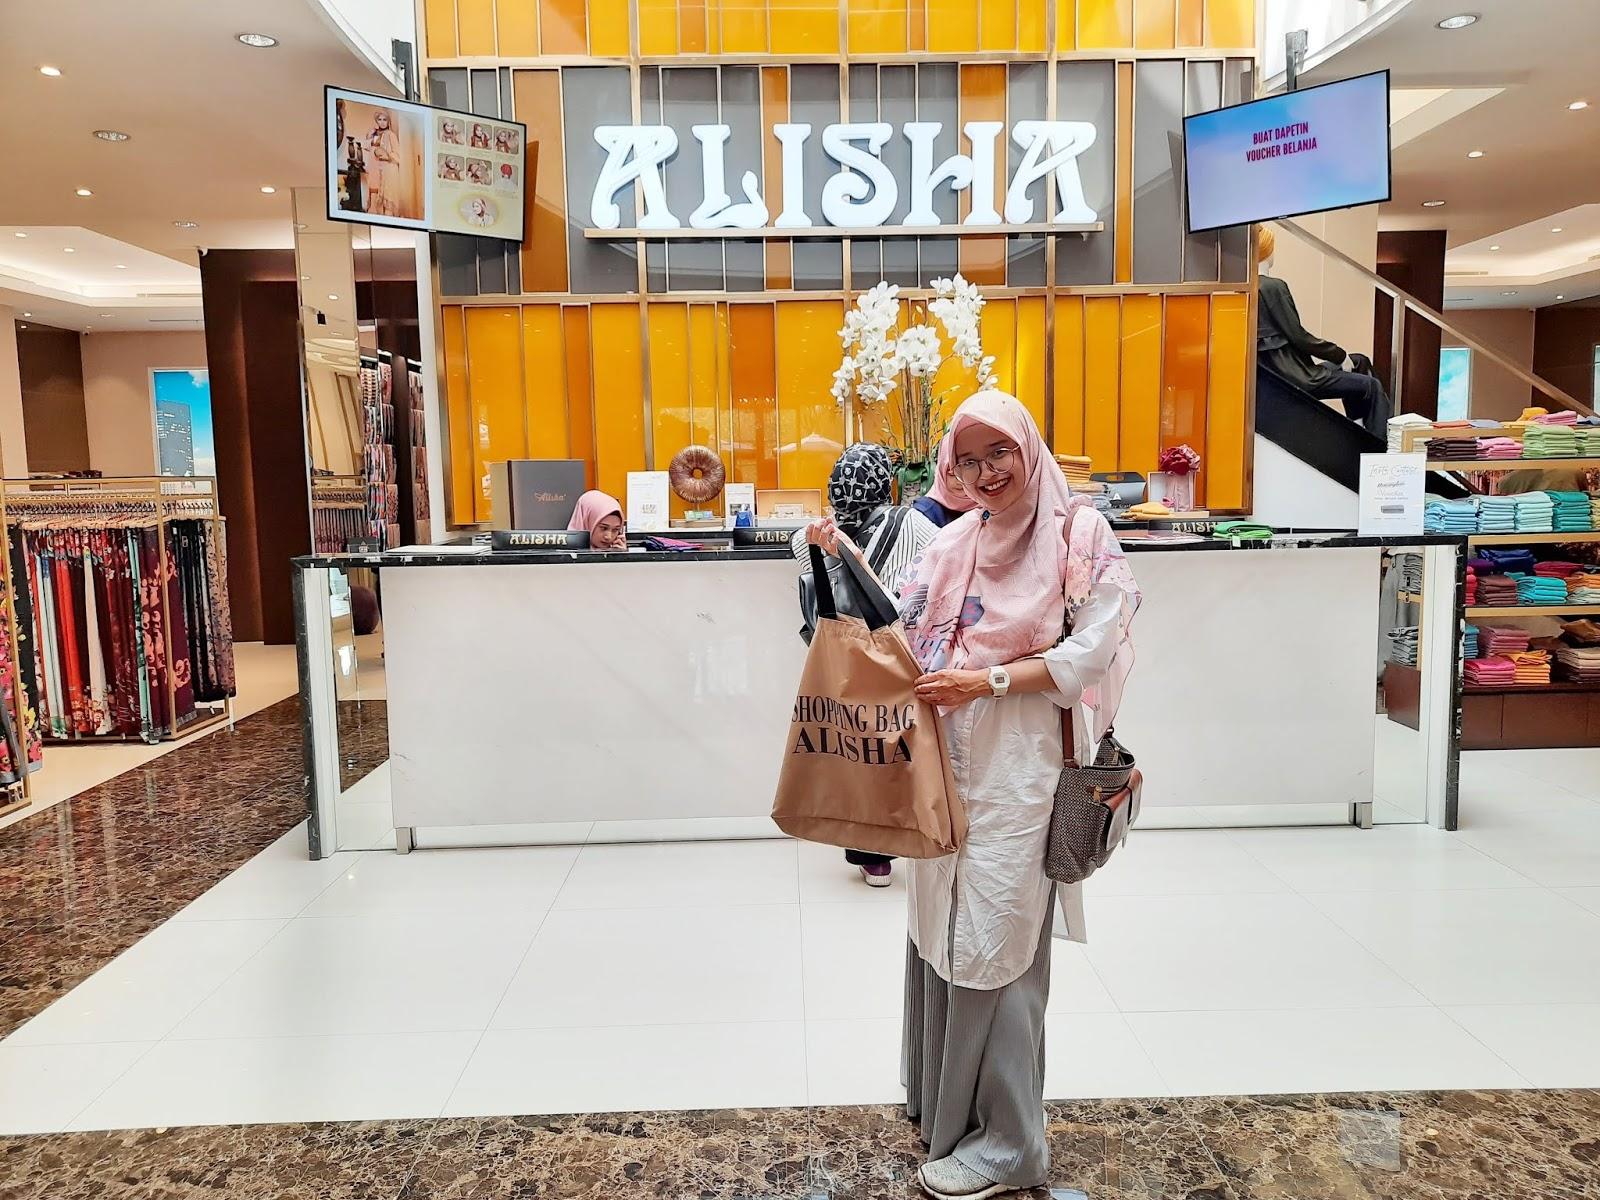 pengalaman belanja di ALisha Fancy Shop, wisata belanja produk muslim di Bandung, tempat belanja kekinian di Bandung, produk Alisha Fancy Bandung, Belanja di Alisha Fancy Shop Bandung, Cabang Alisha, Fasilitas Alisha Fancy Shop Bandung